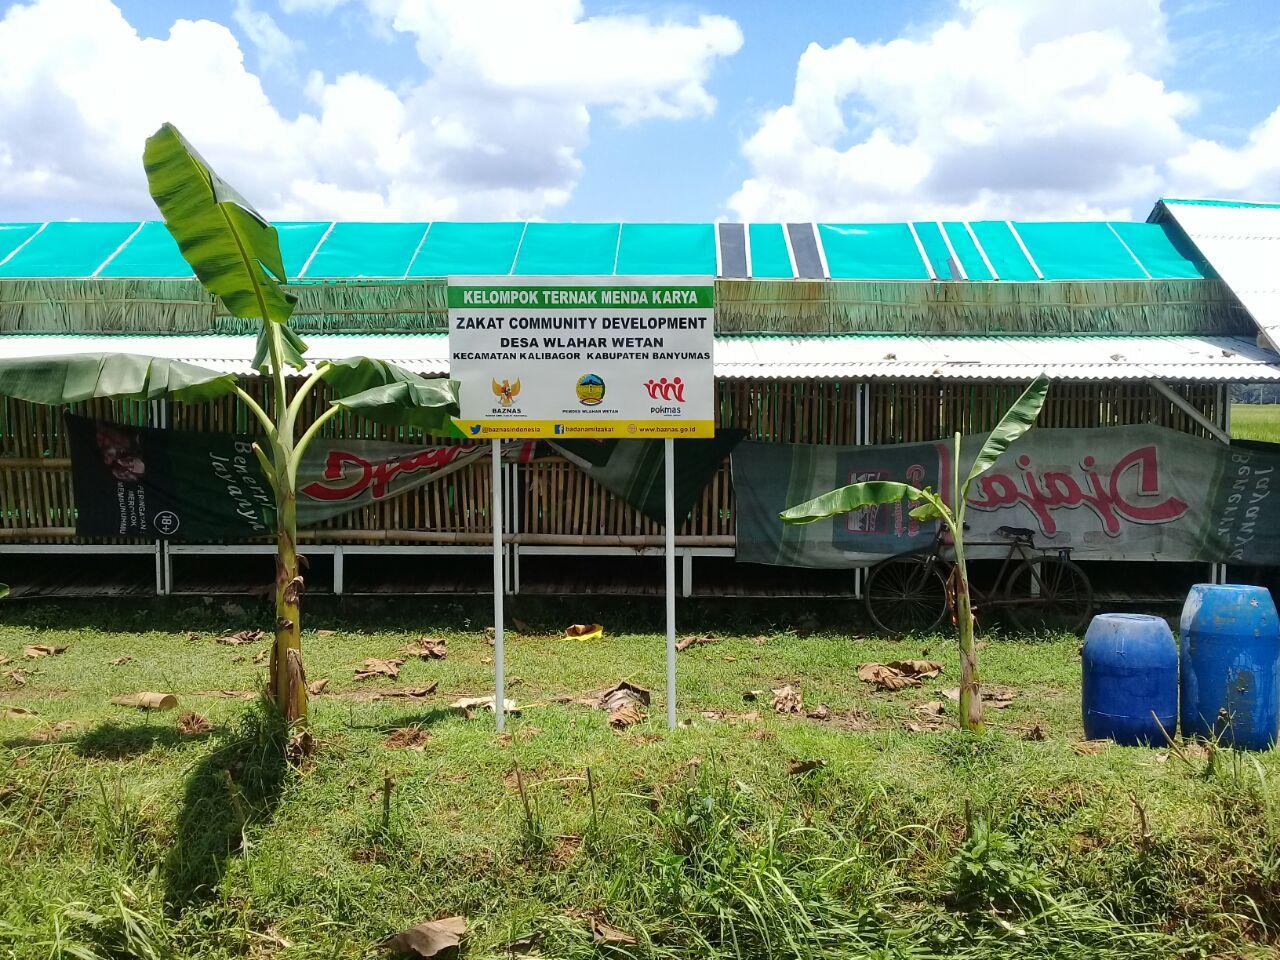 Menjadi Desa Mandiri Dengan Kualitas Kesejahteraan Yang Lebih Baik